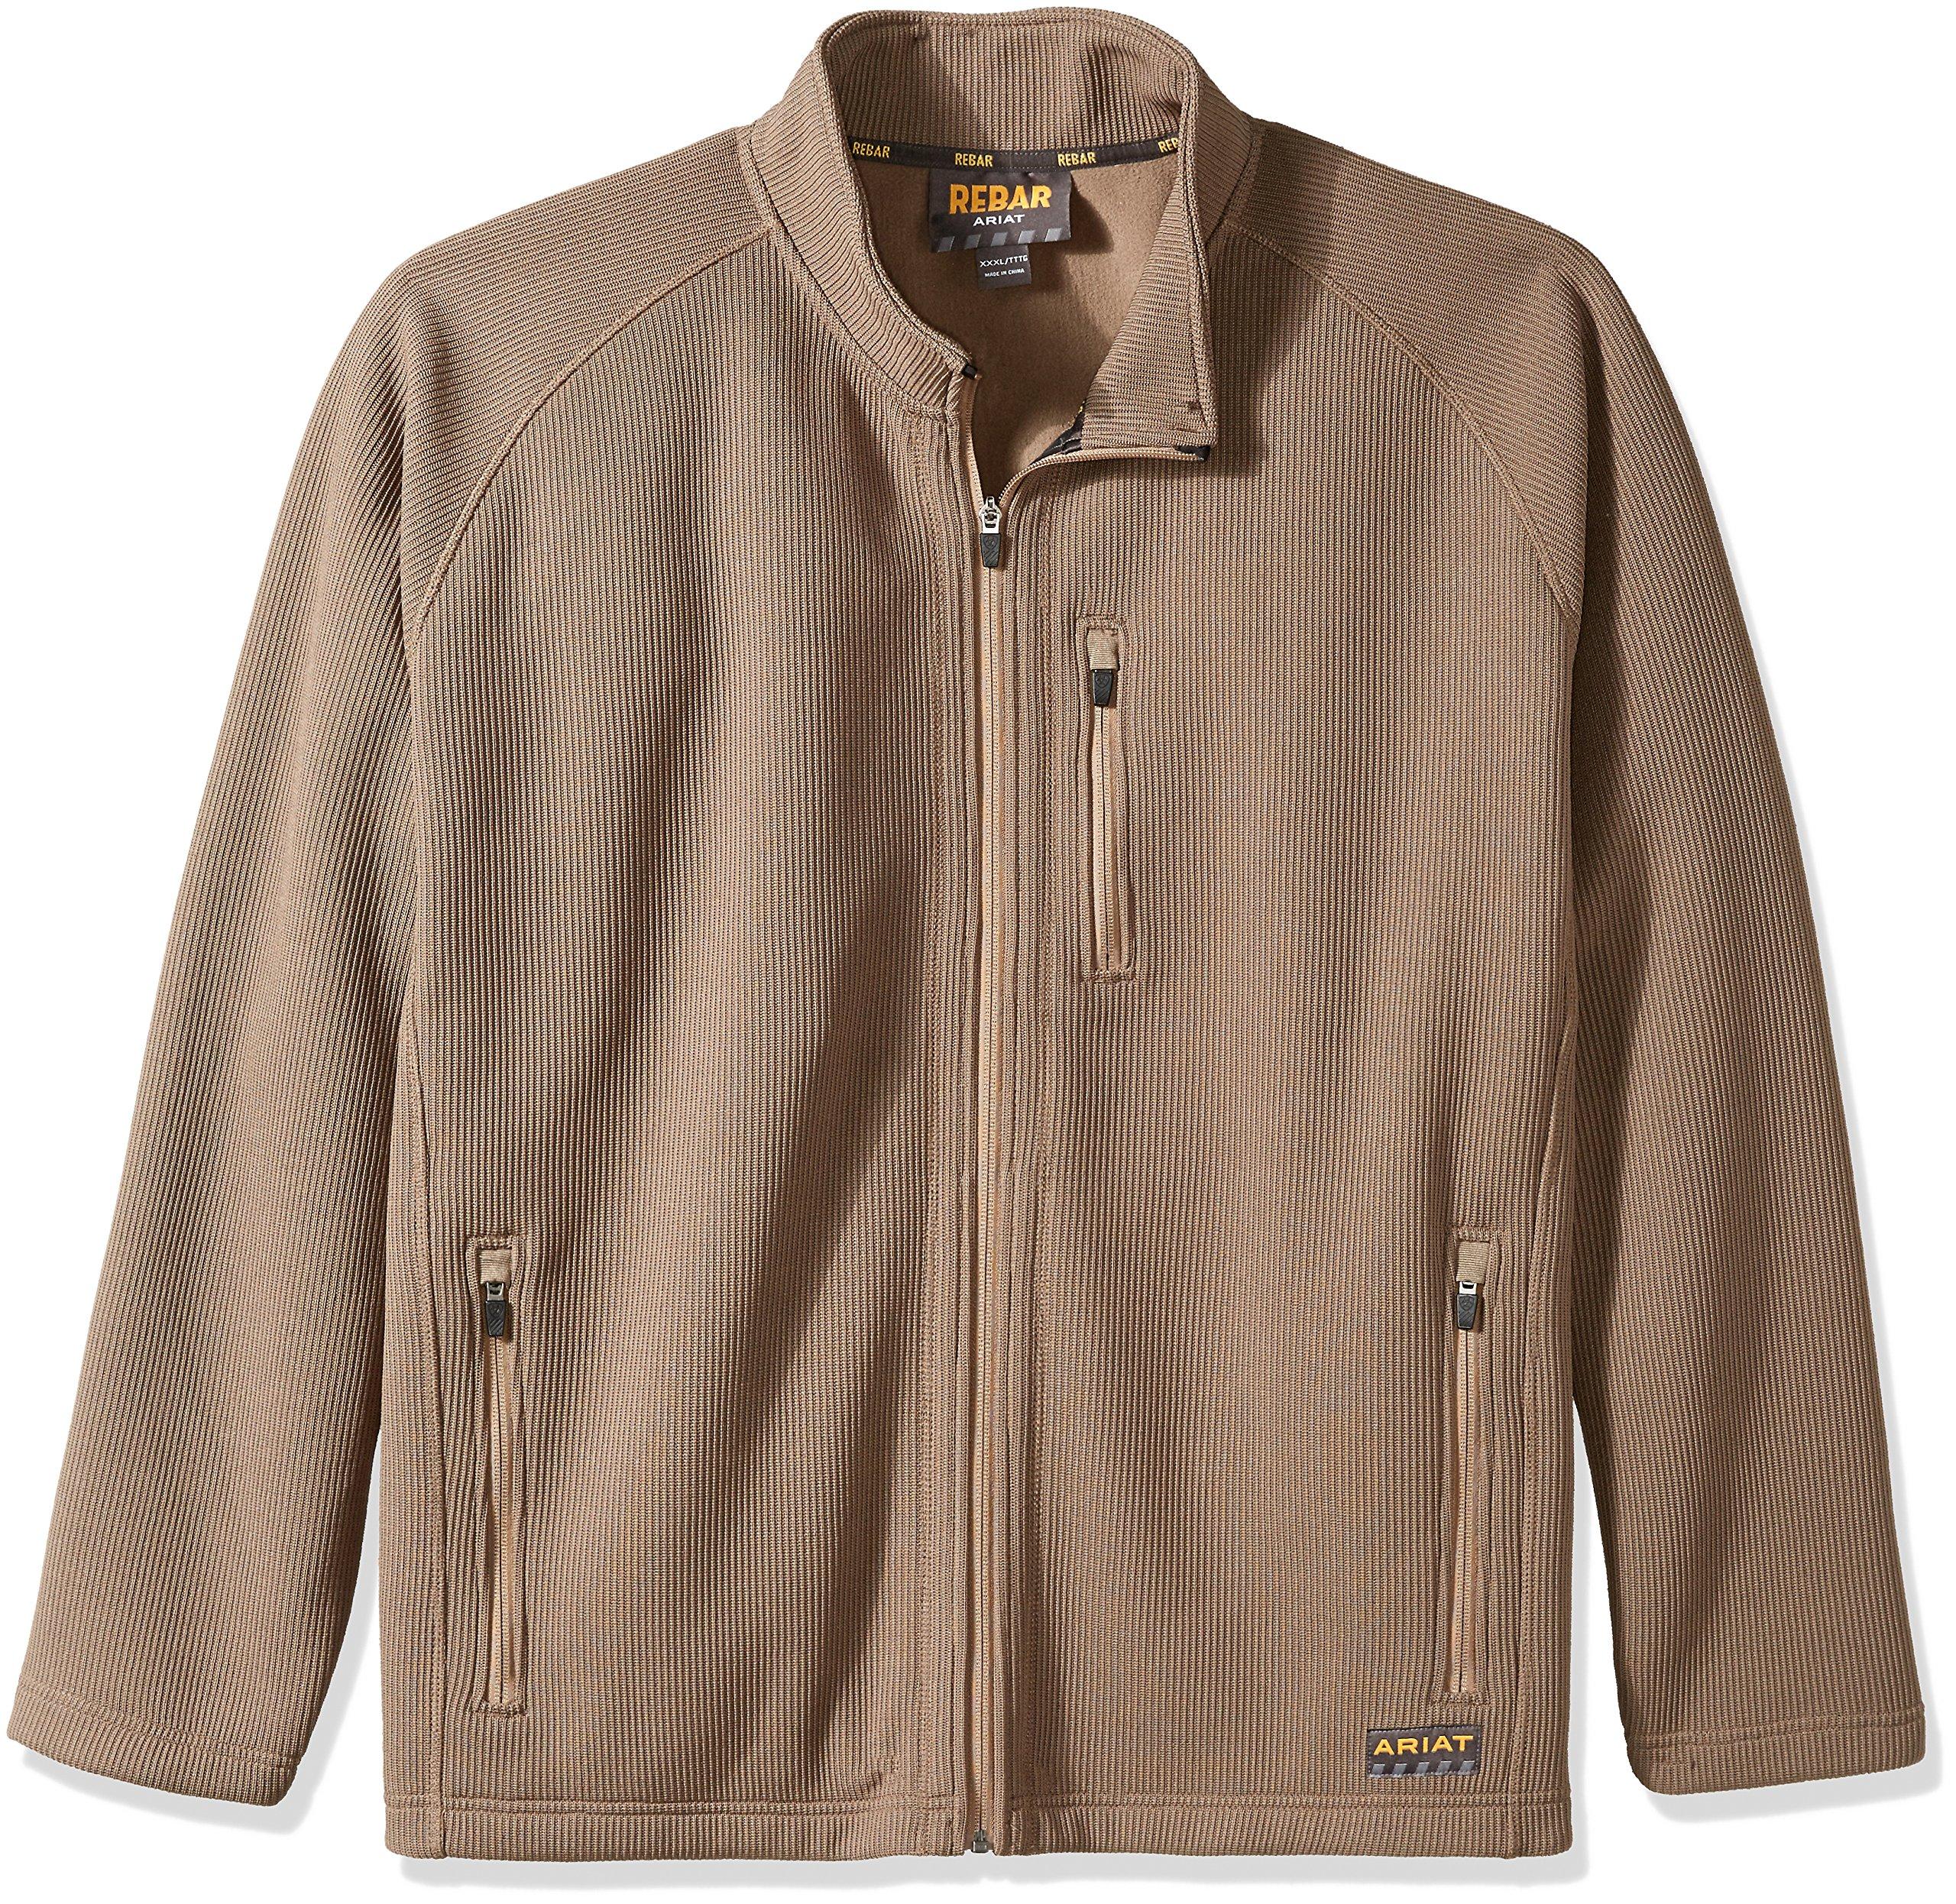 Ariat Men's Big REBAR Dura Tek Fleece Jacket, Morel, X-Large Tall